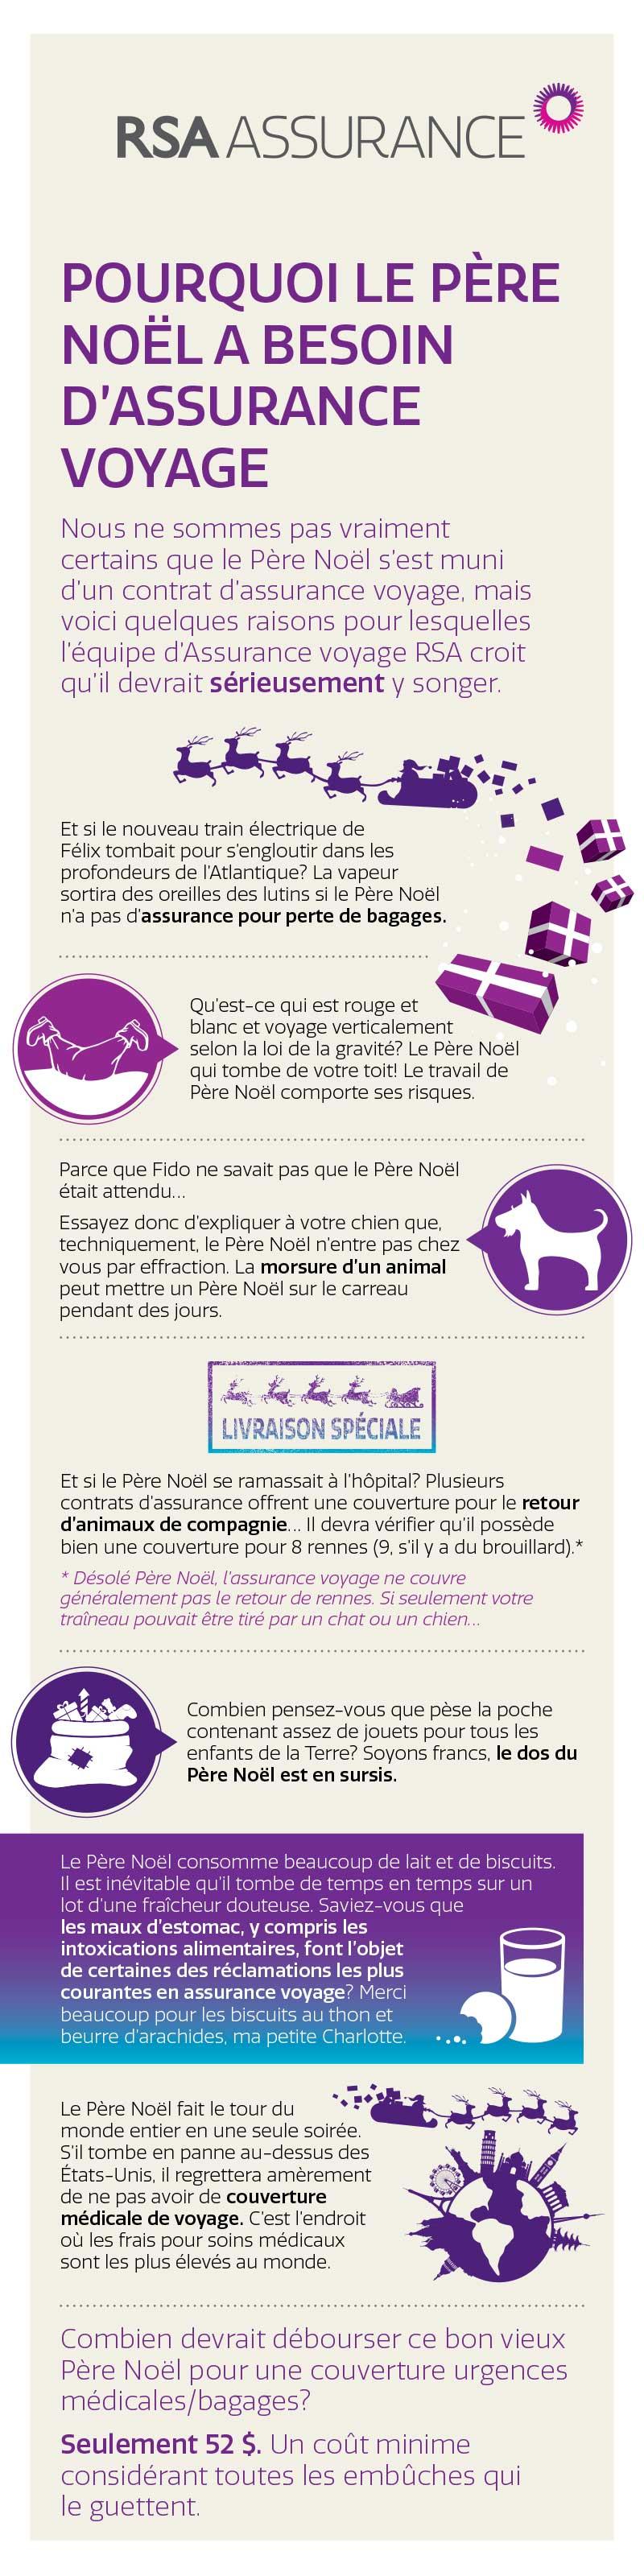 Infographique-Pourquoi le Pere Noël a besoin d'assurance voyage